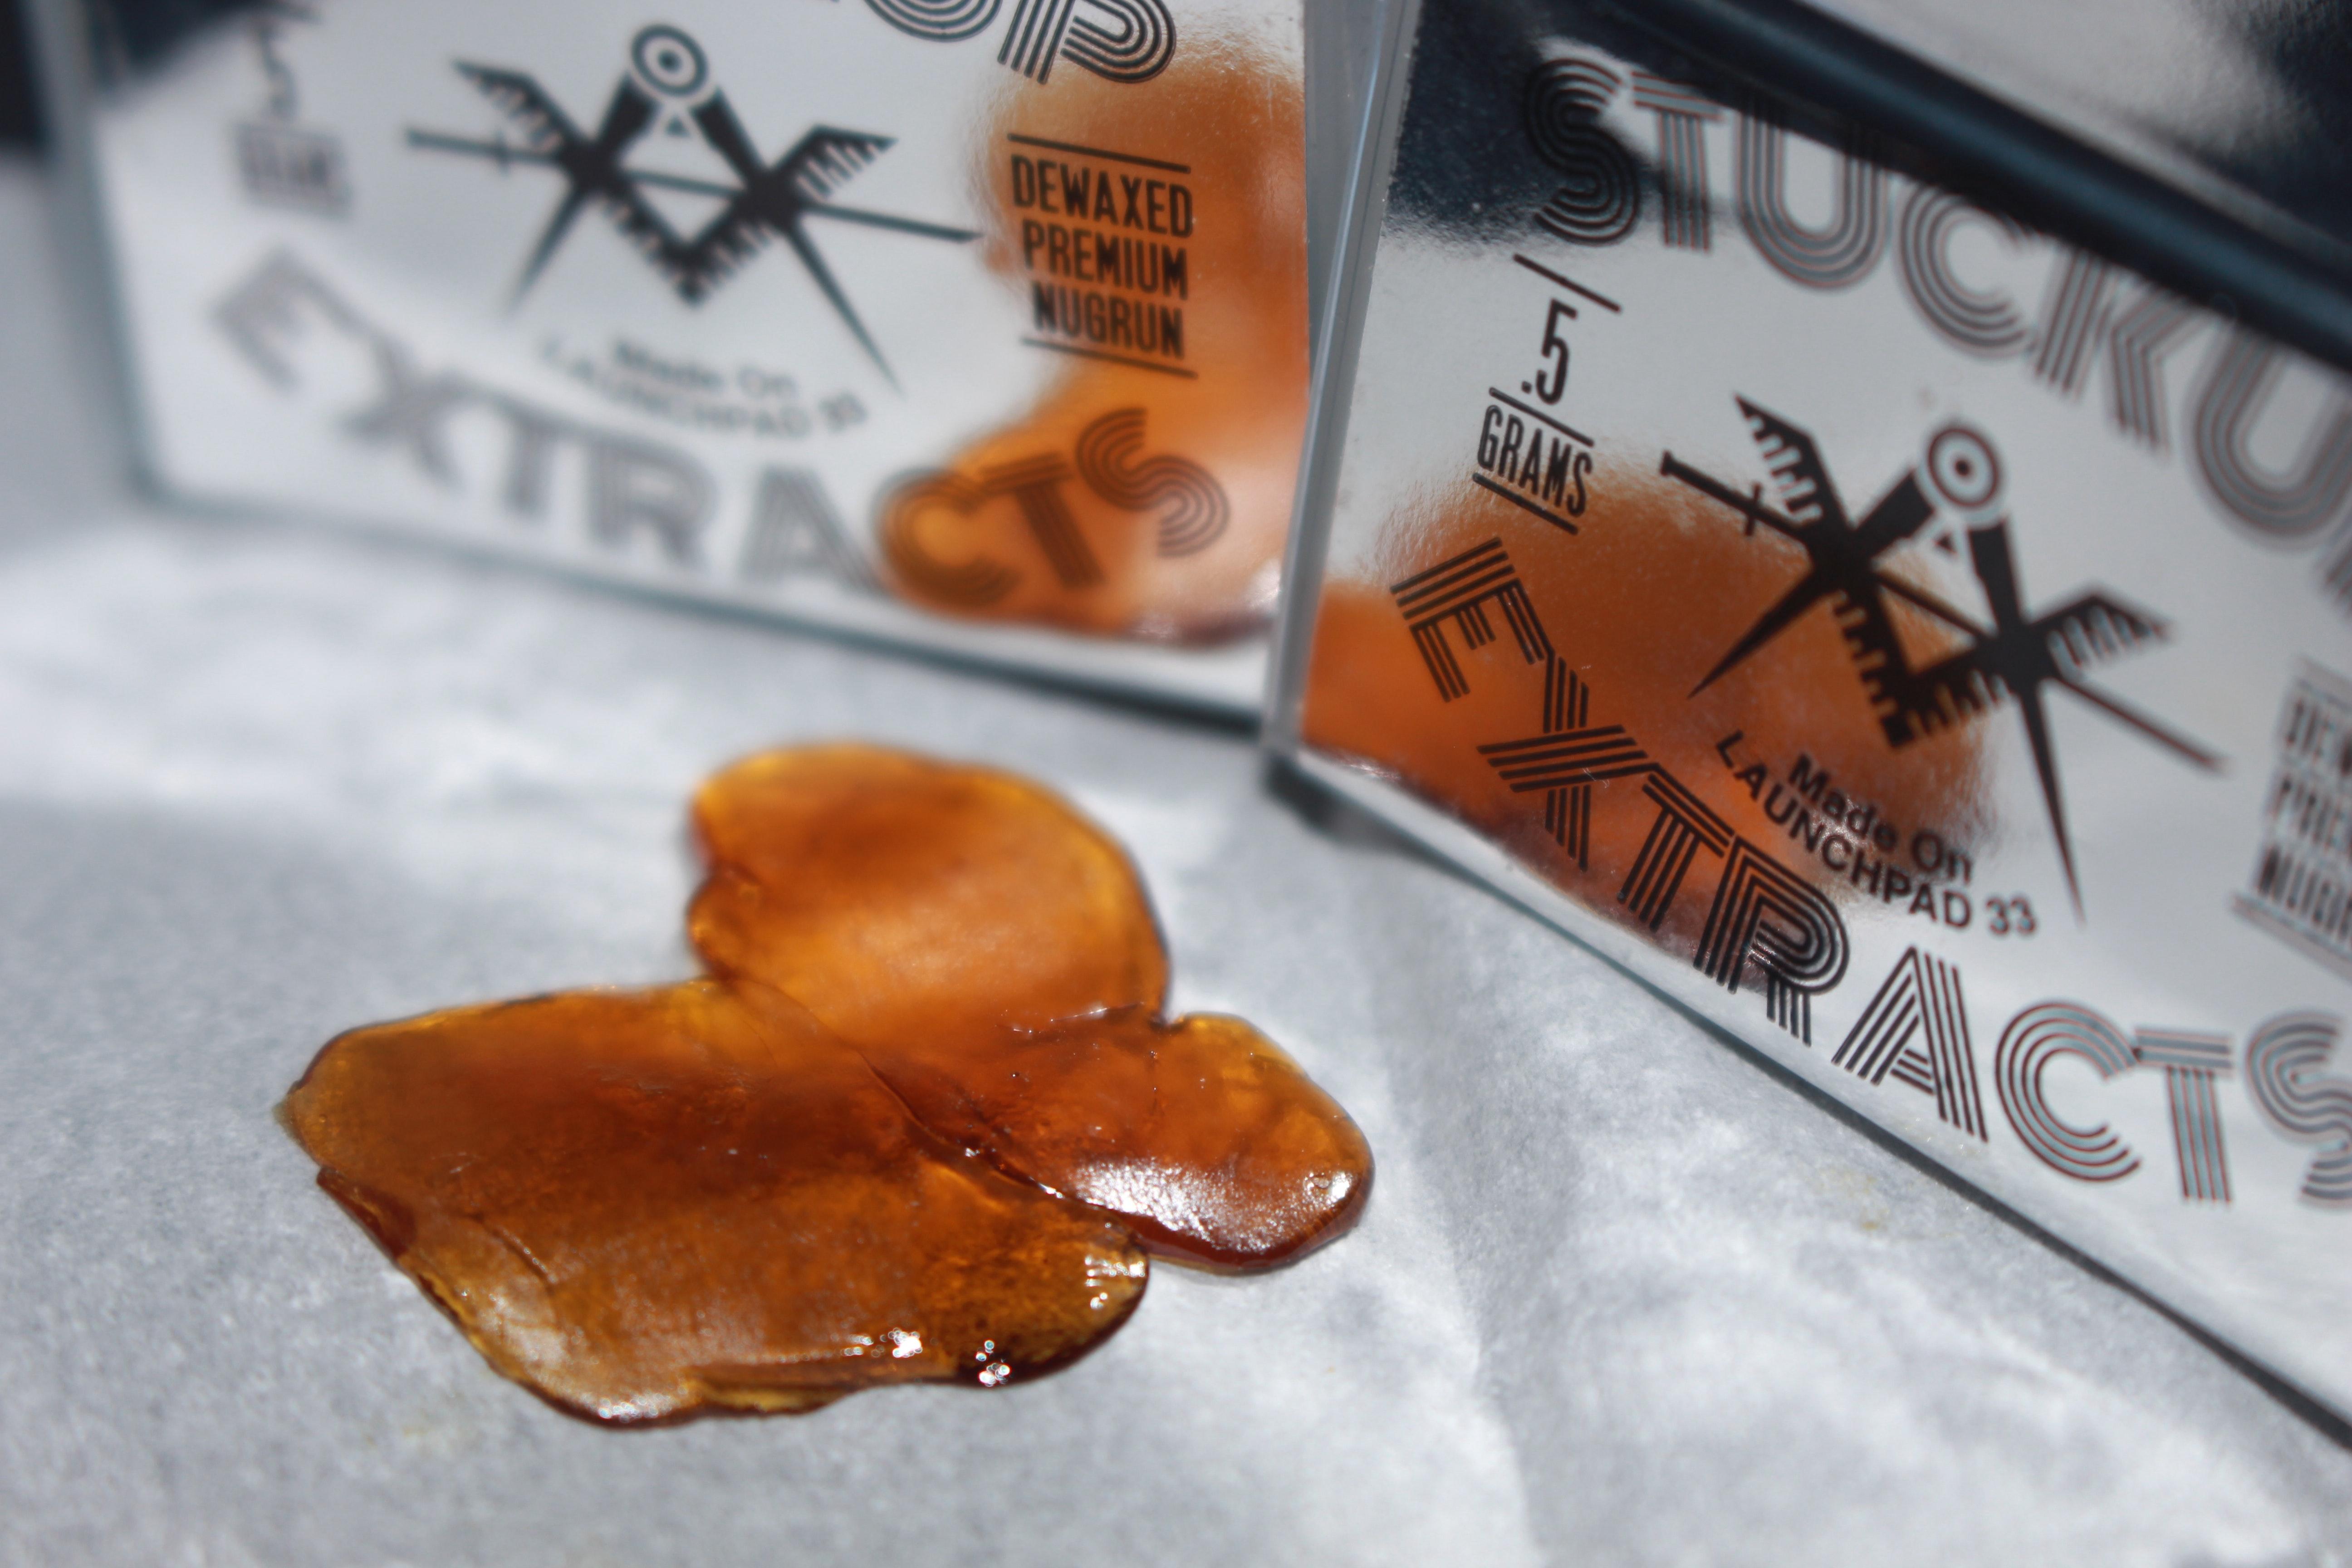 Resina de cannabis (marihuana) concentrada obtenida con butano.